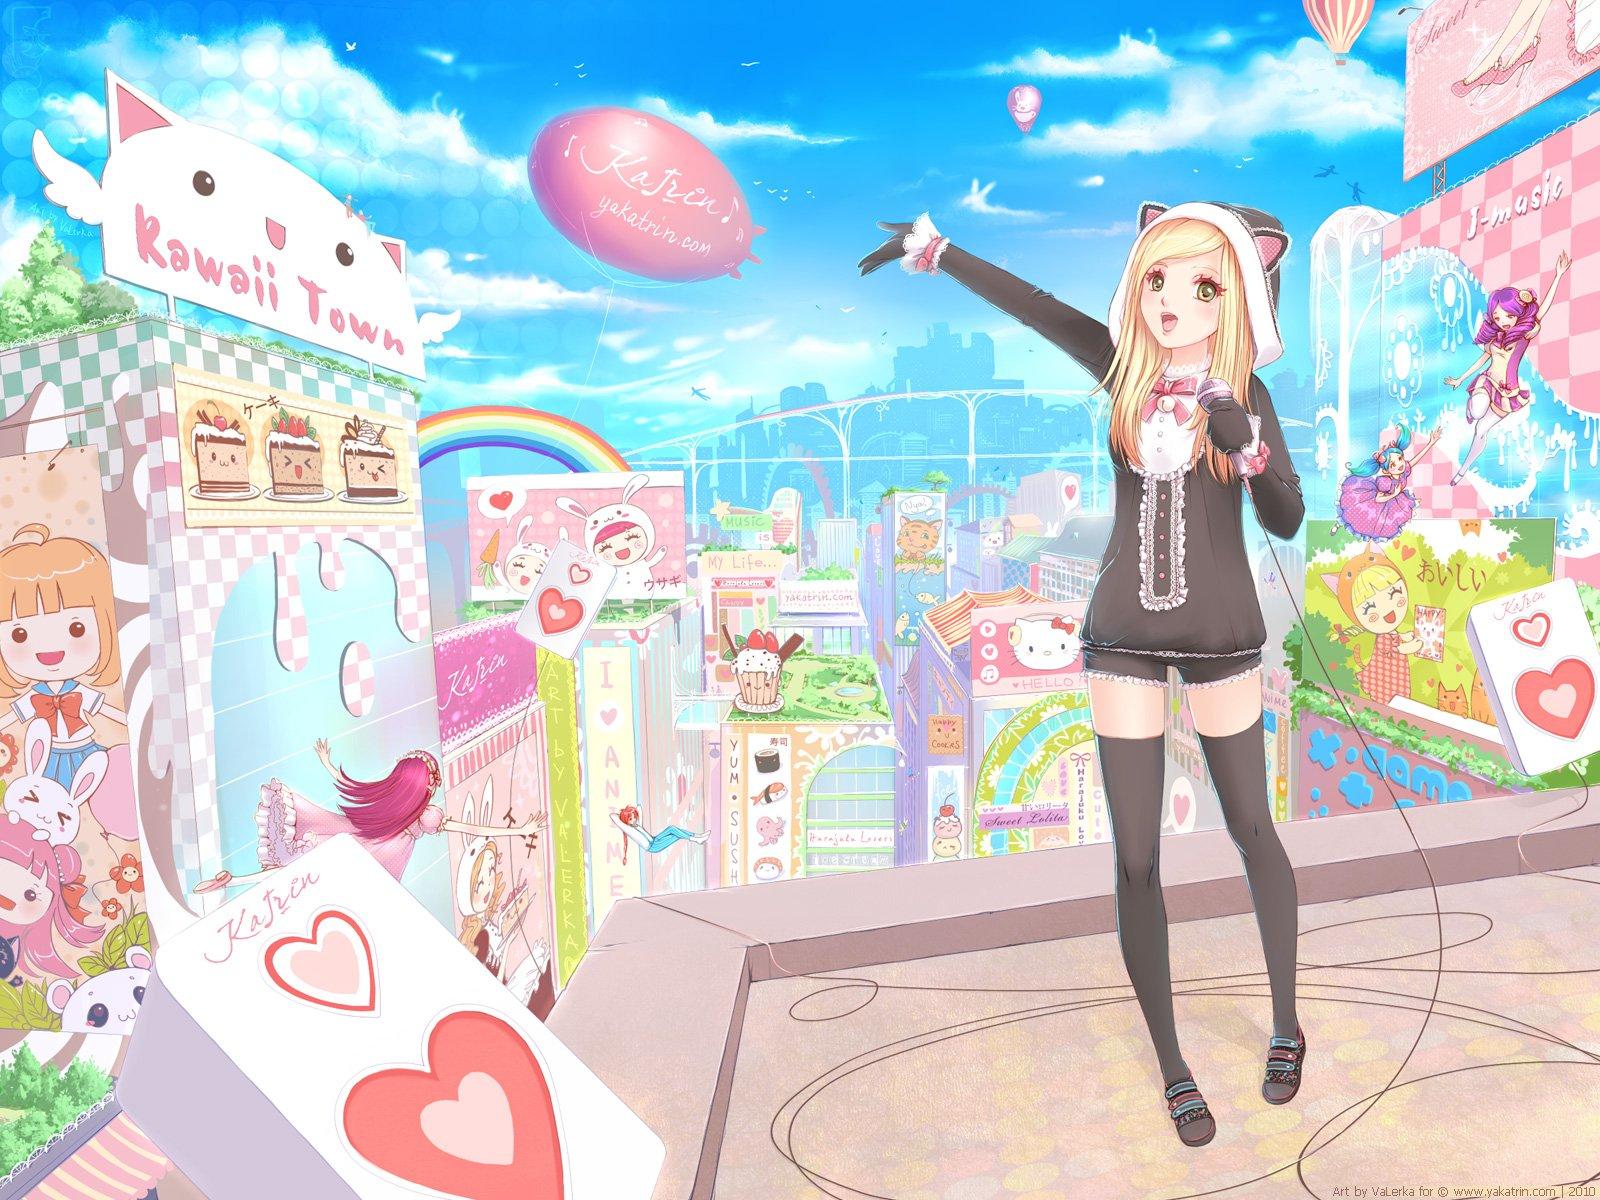 Free Download Kawaii Anime Images Kawaii Girl Hd Wallpaper And